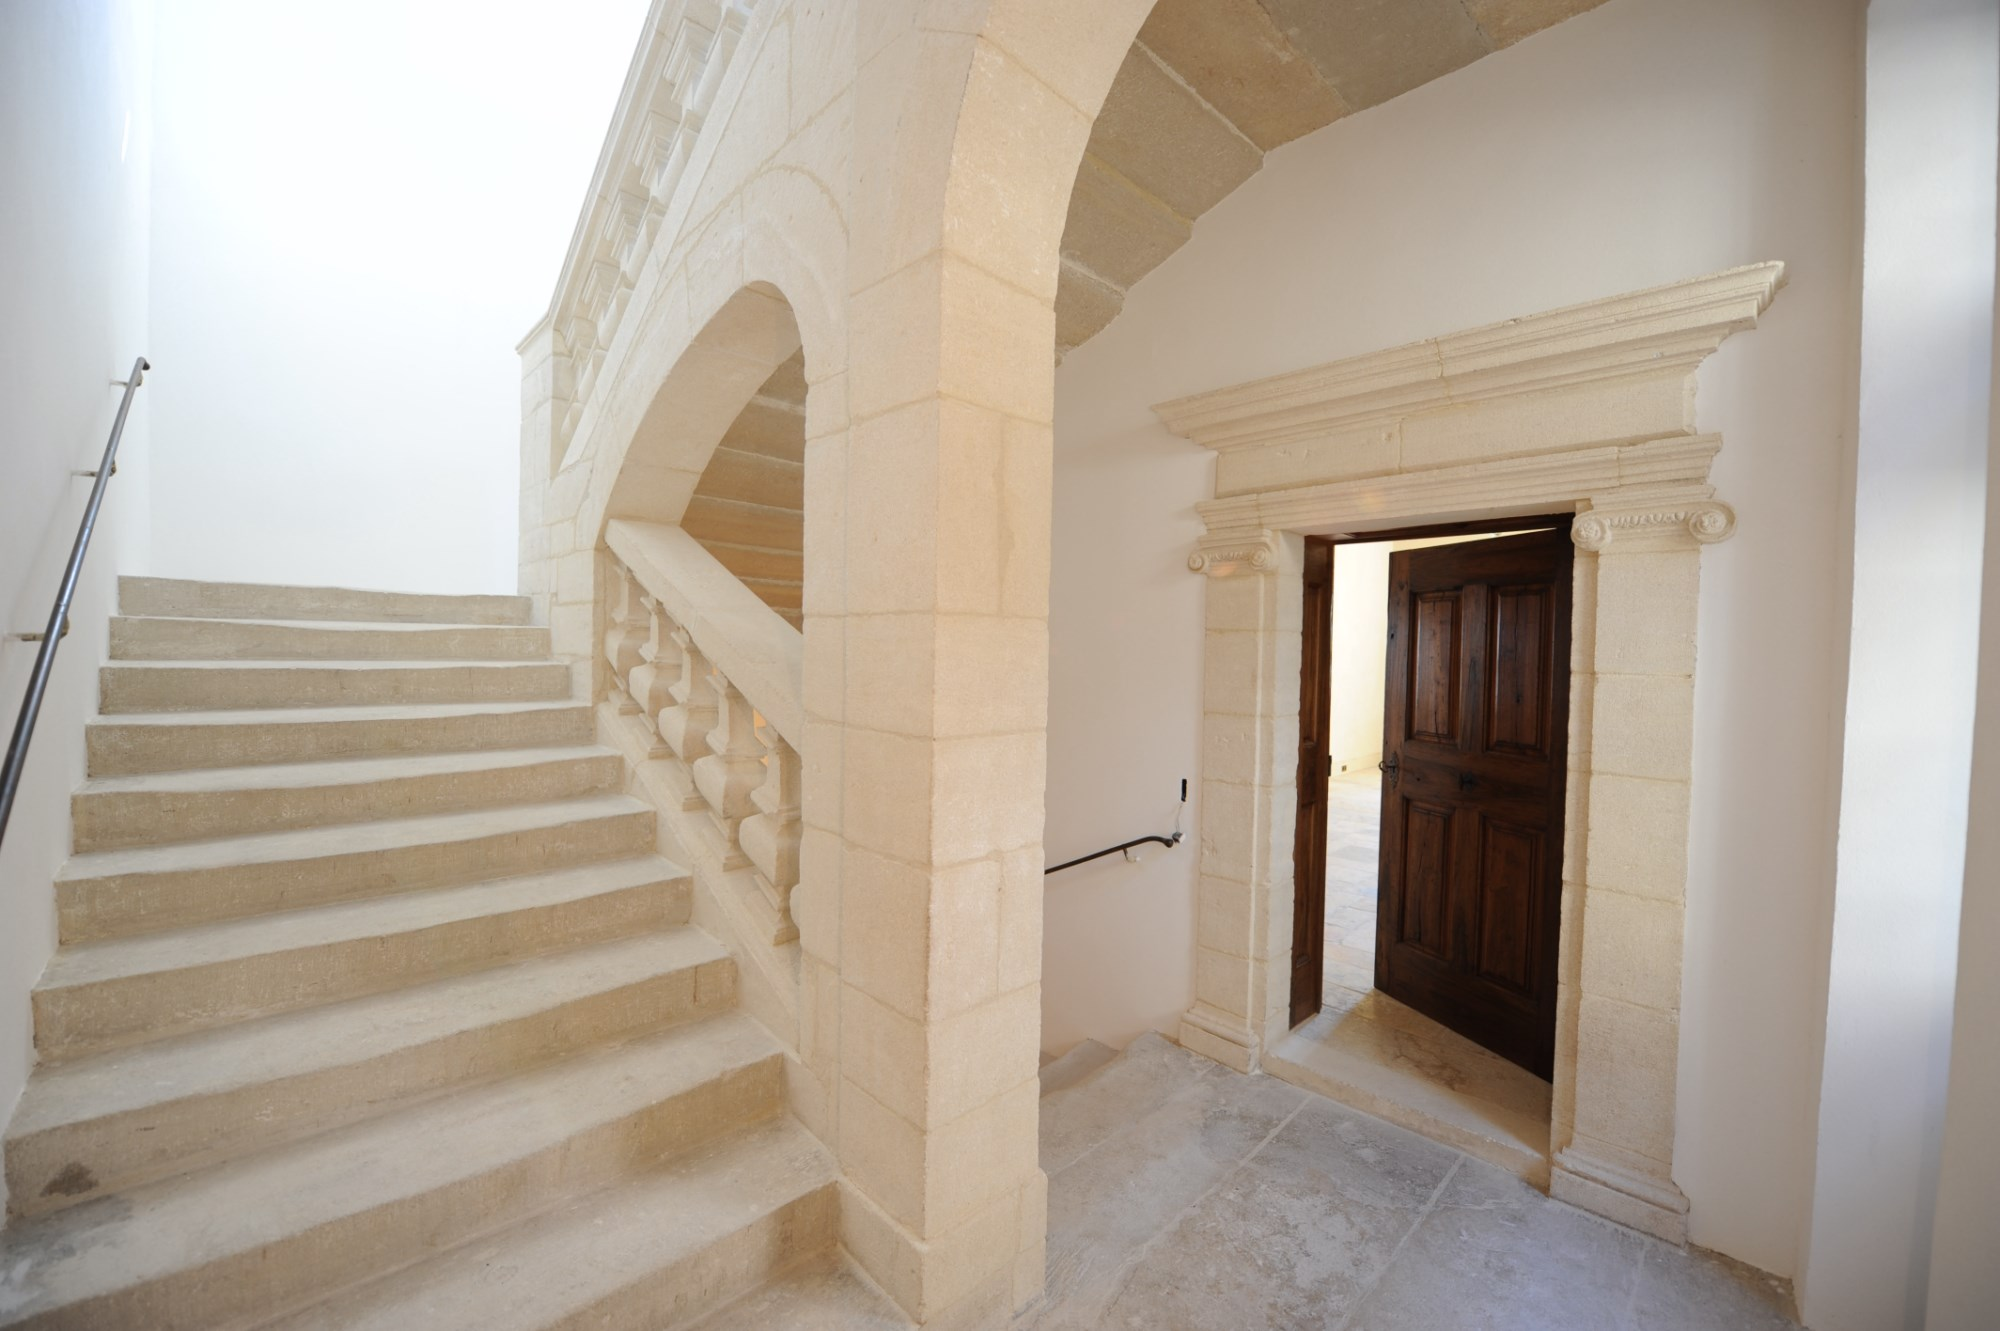 A Gordes, en vente,  au coeur du village, dominant la vallée, les villages, les hameaux et le Luberon,  exceptionnel Hôtel particulier Renaissance ayant préservé toute son authenticité.